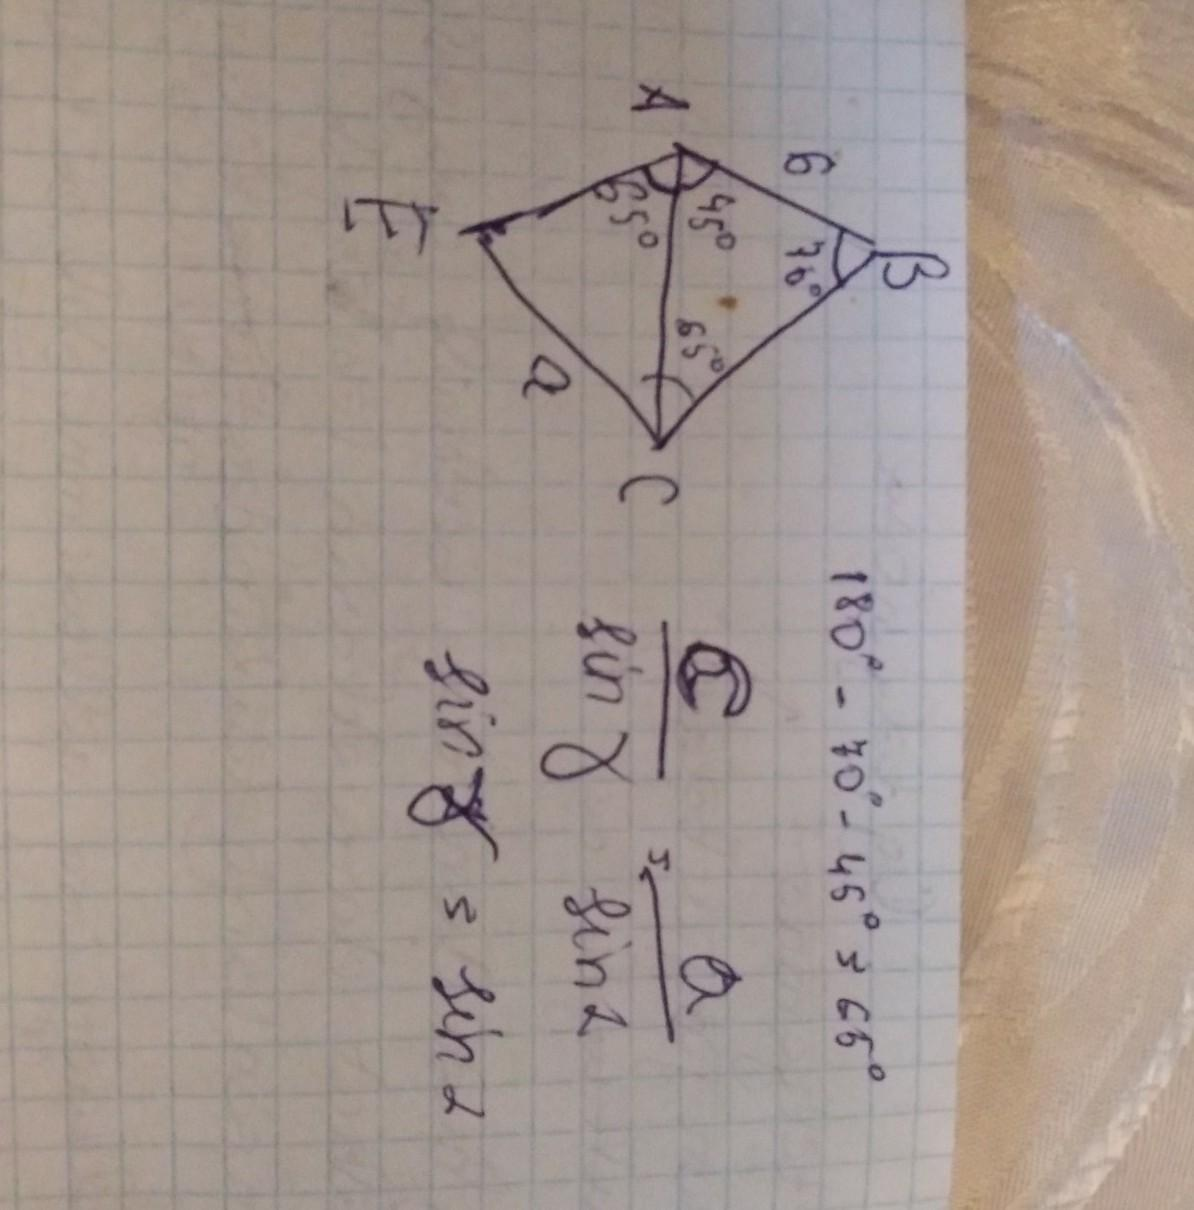 В треугольнике АВС и АЕС известны элементы: угол